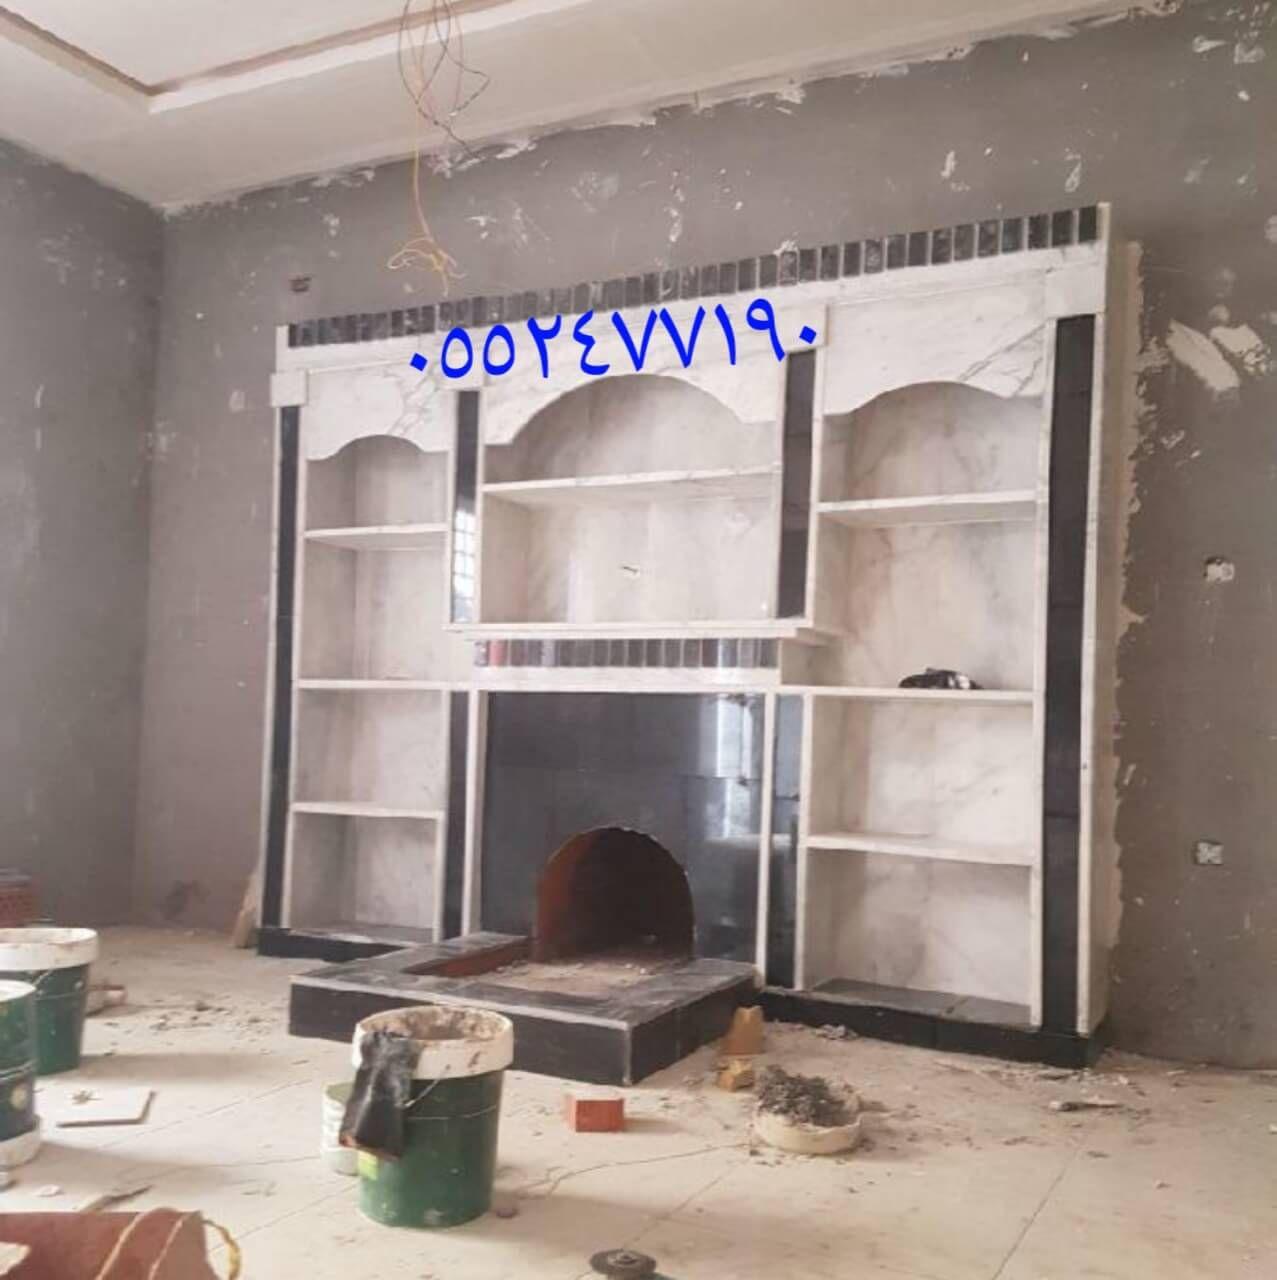 ديكورات مشبات Shelving Unit Home Decor Shelving